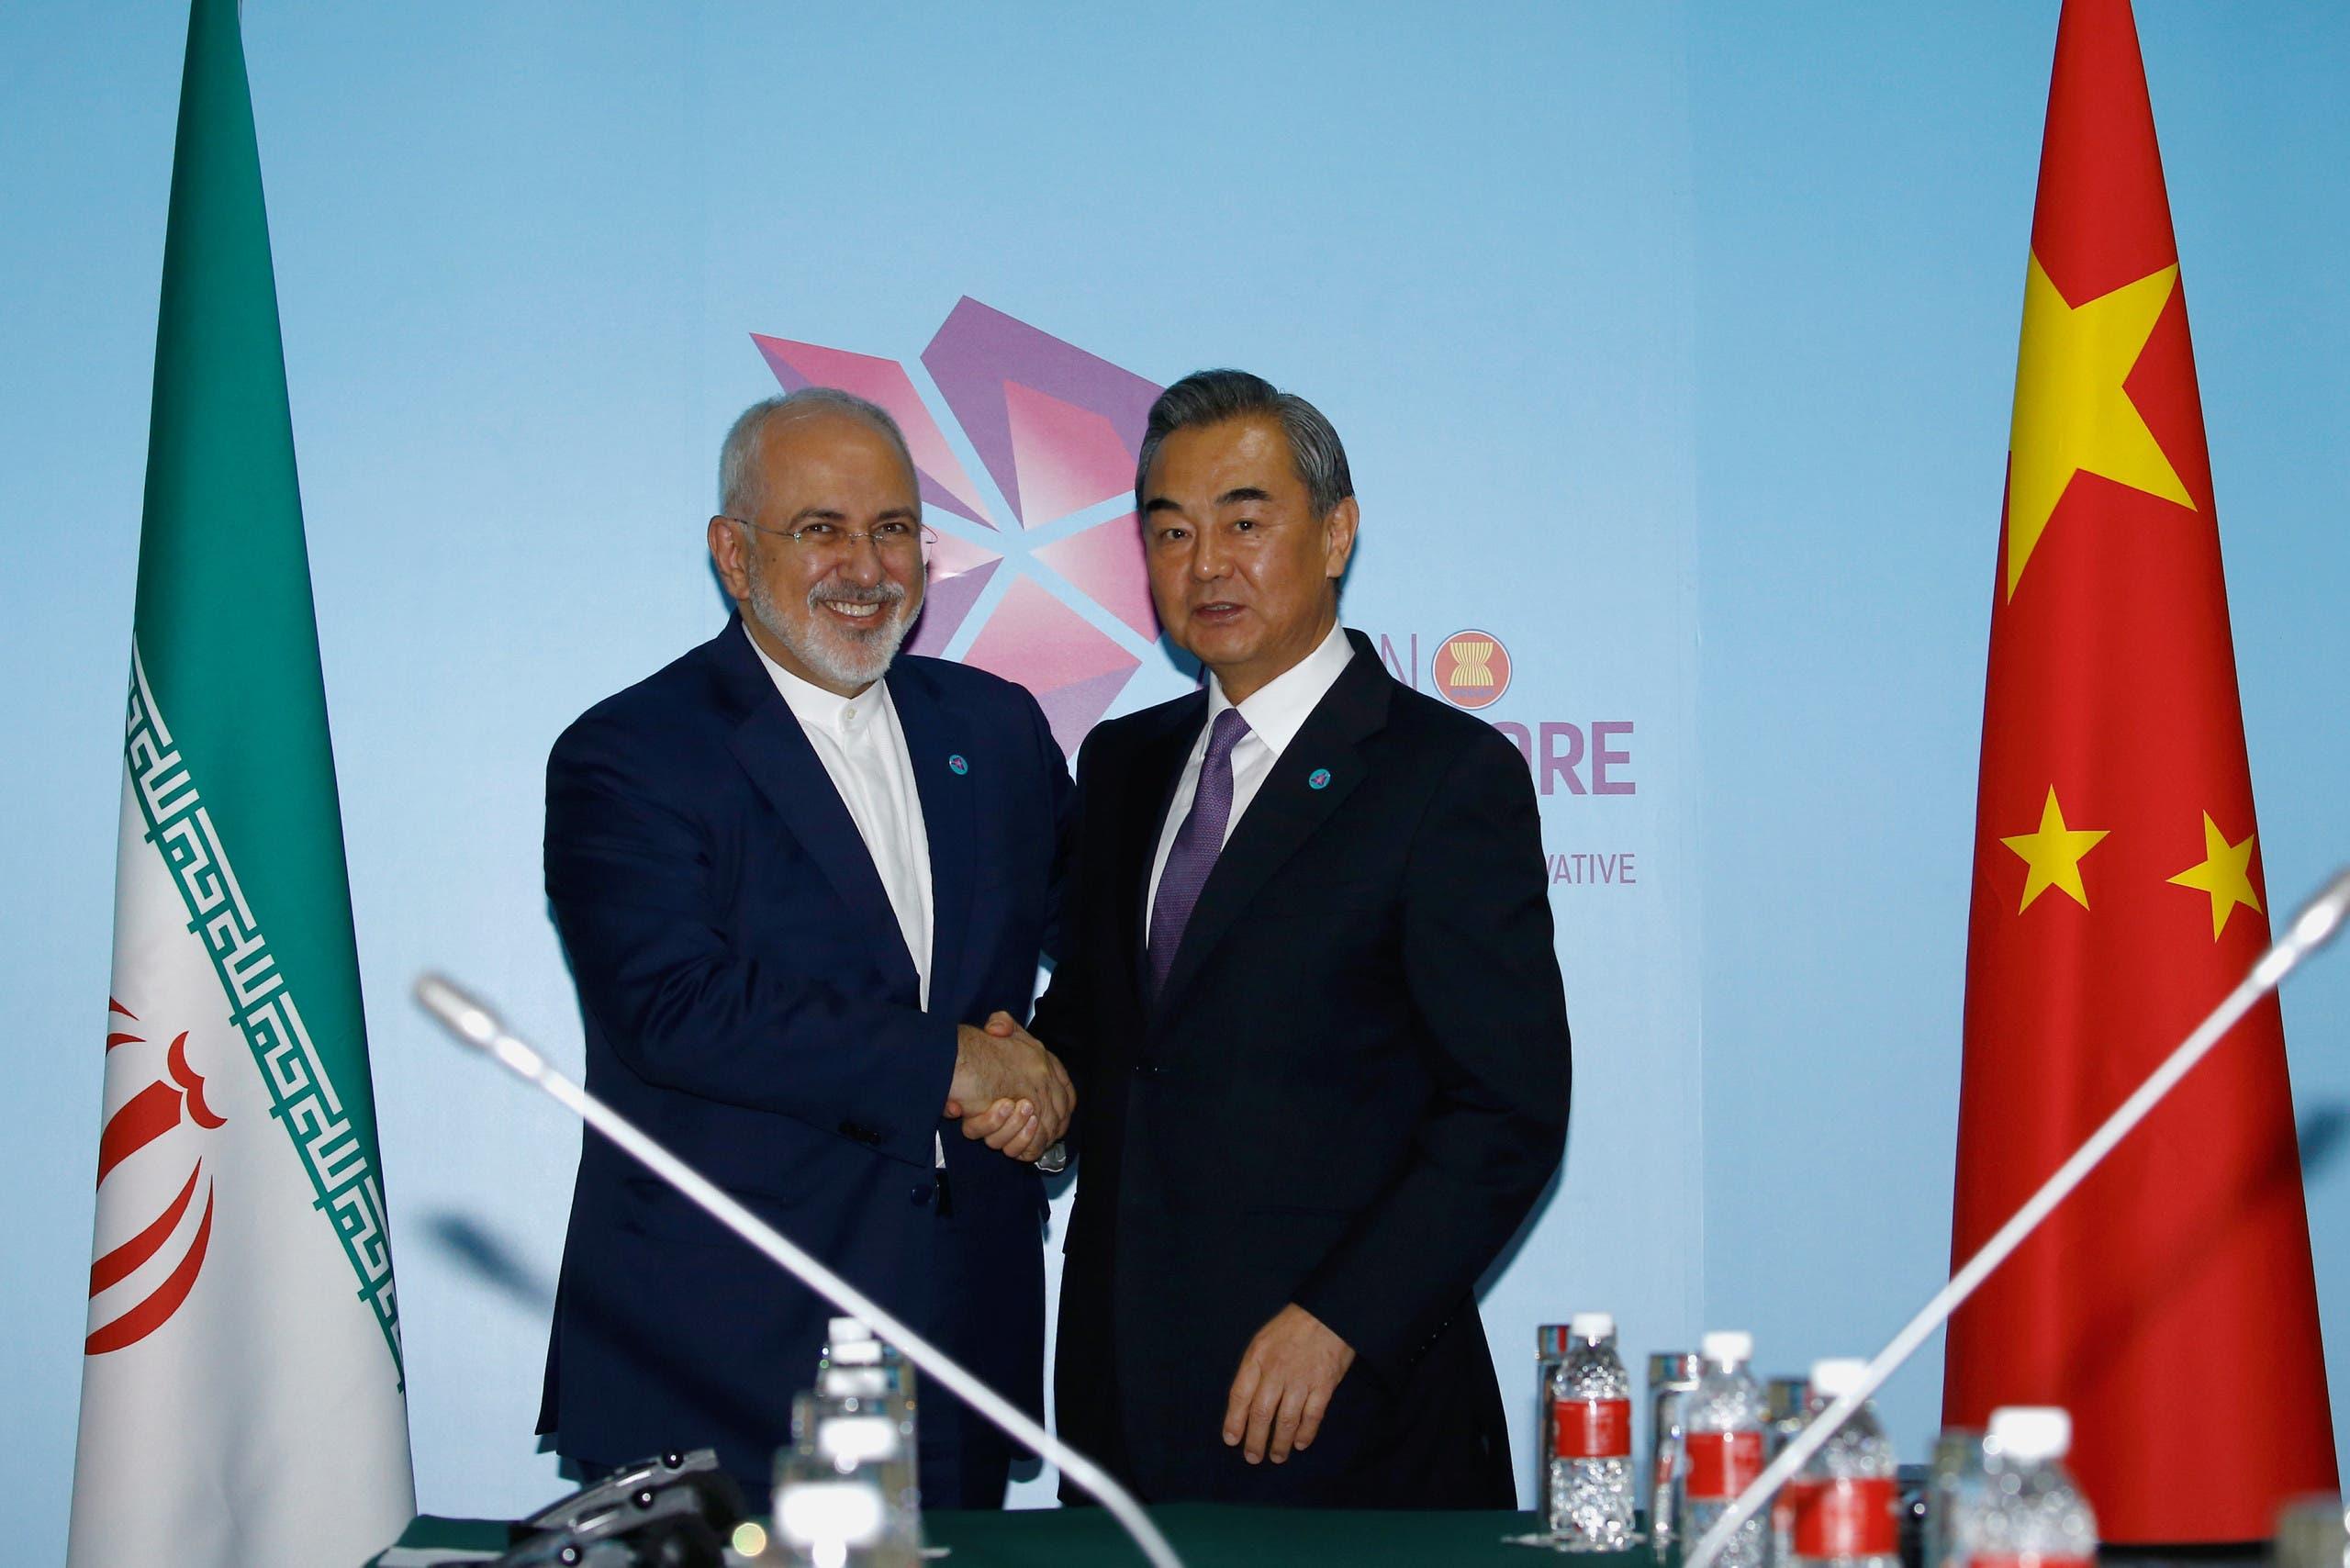 وزير الخارجية الإيراني مع نظيره الصيني في سنغافورة - أرشيفية